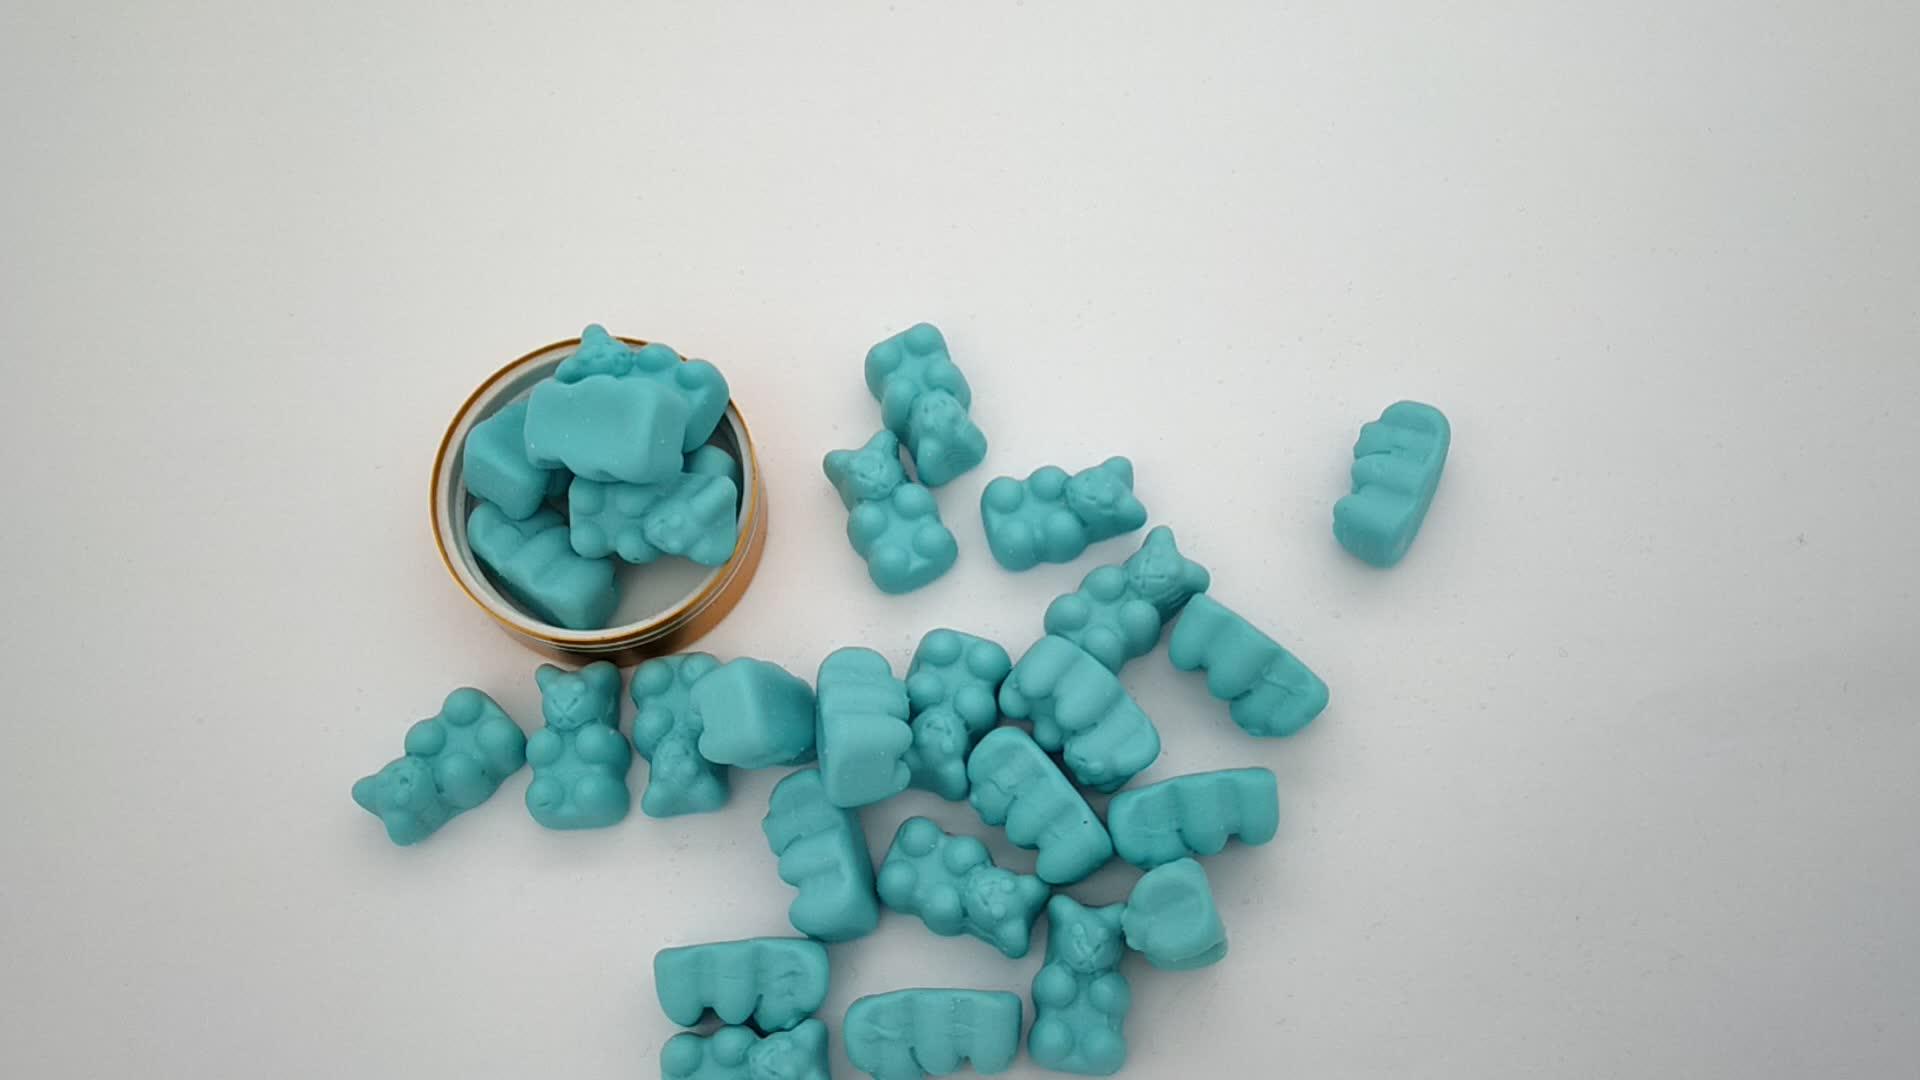 Горячая продажа GMP & FDA сертифицированная пищевая добавка Gummy Bear